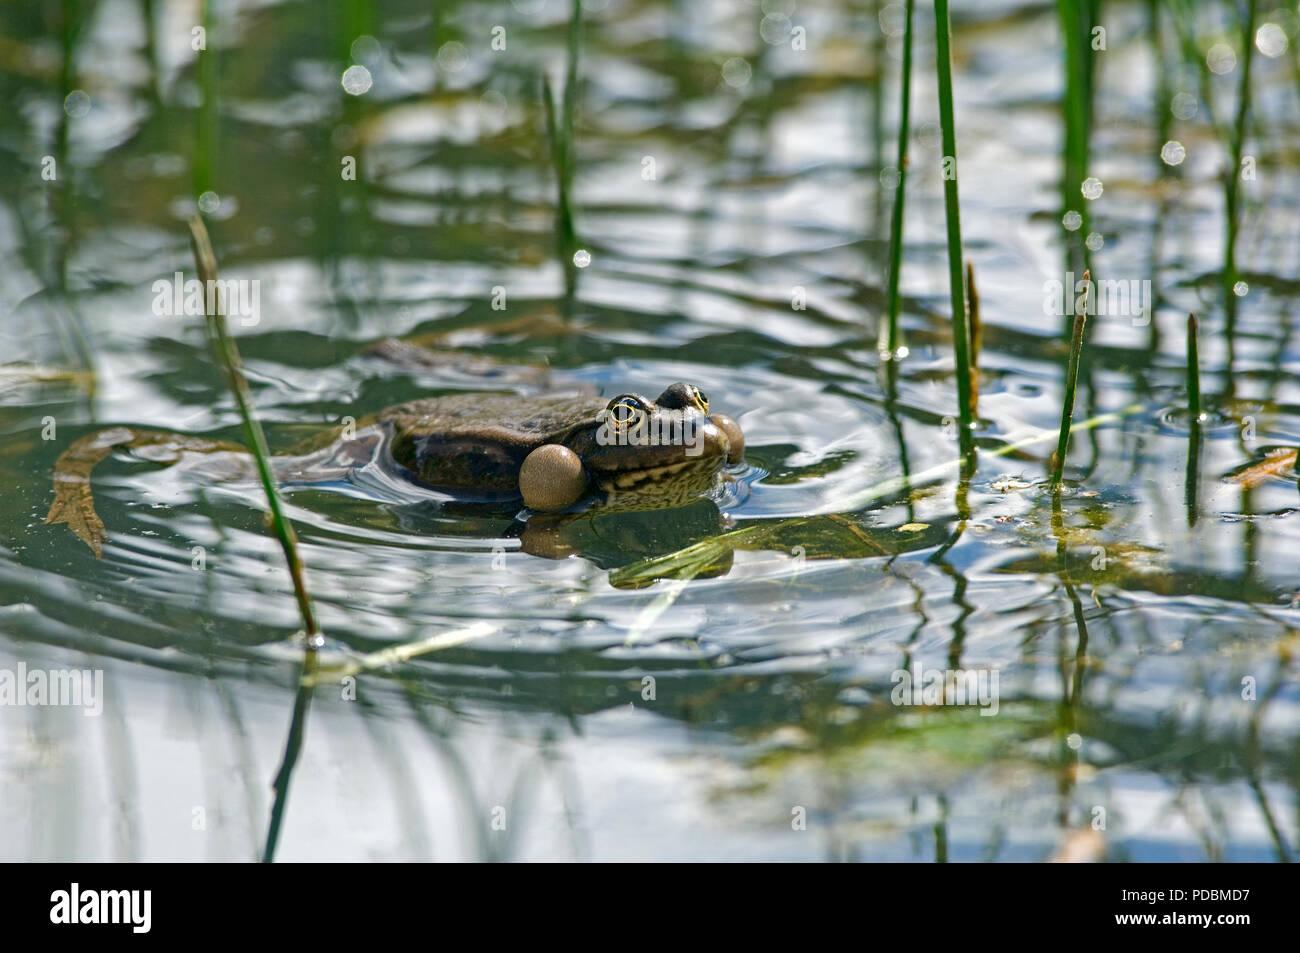 Grenouille rieuse - Sacs vocaux gonflés - Marsh Frog - Vocal sacs inflated - Rana ridibunda - Stock Image